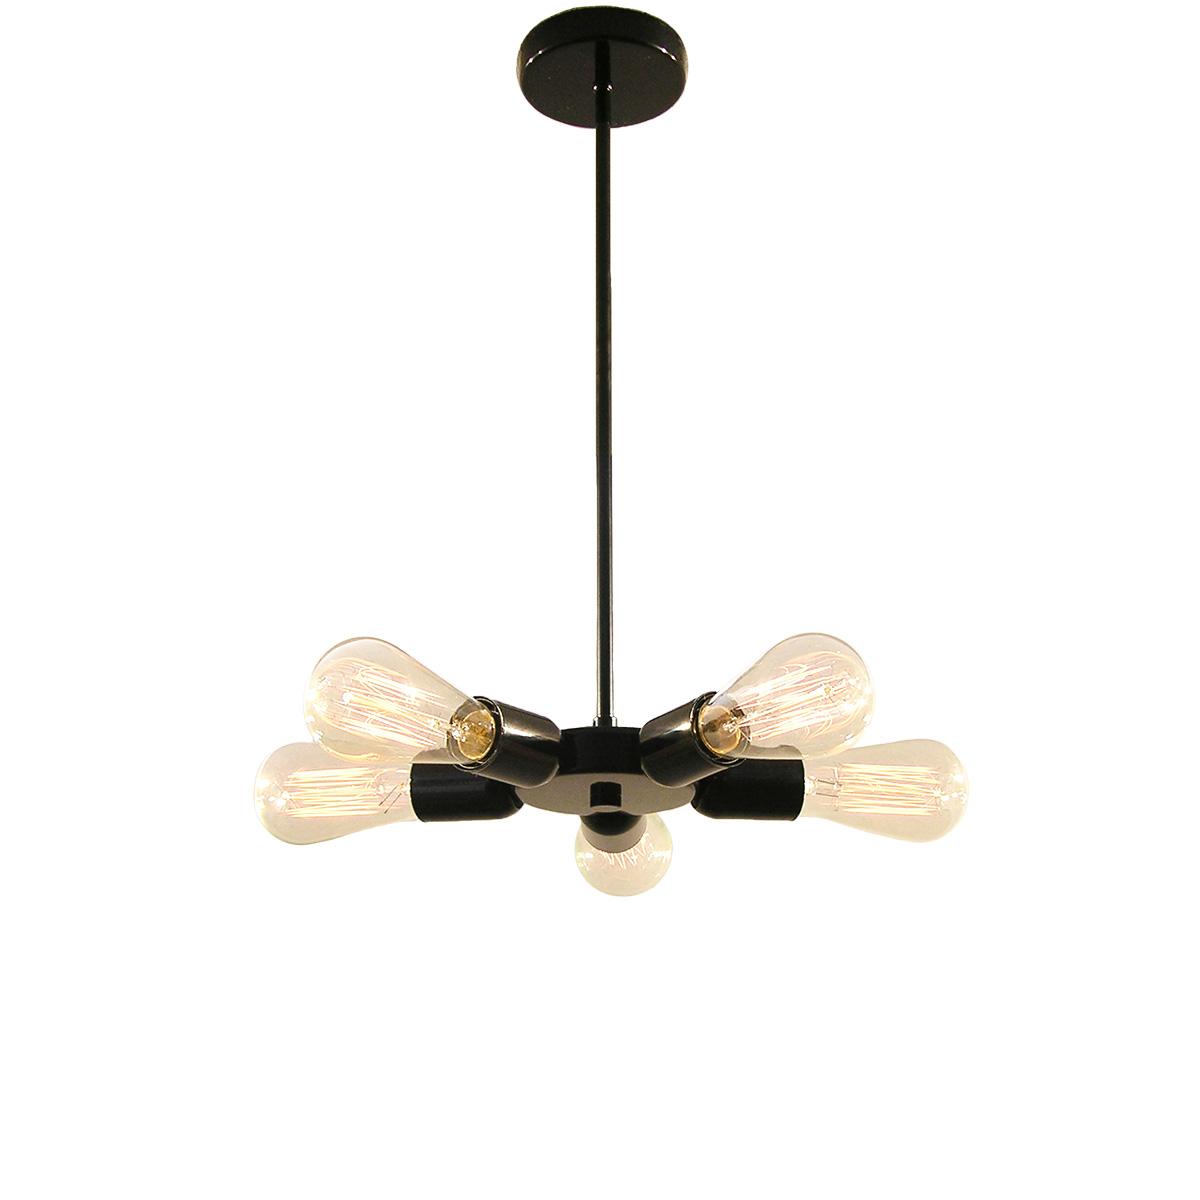 Κρεμαστό φωτιστικό ΛΑΜΠΕΣ pendant lamp